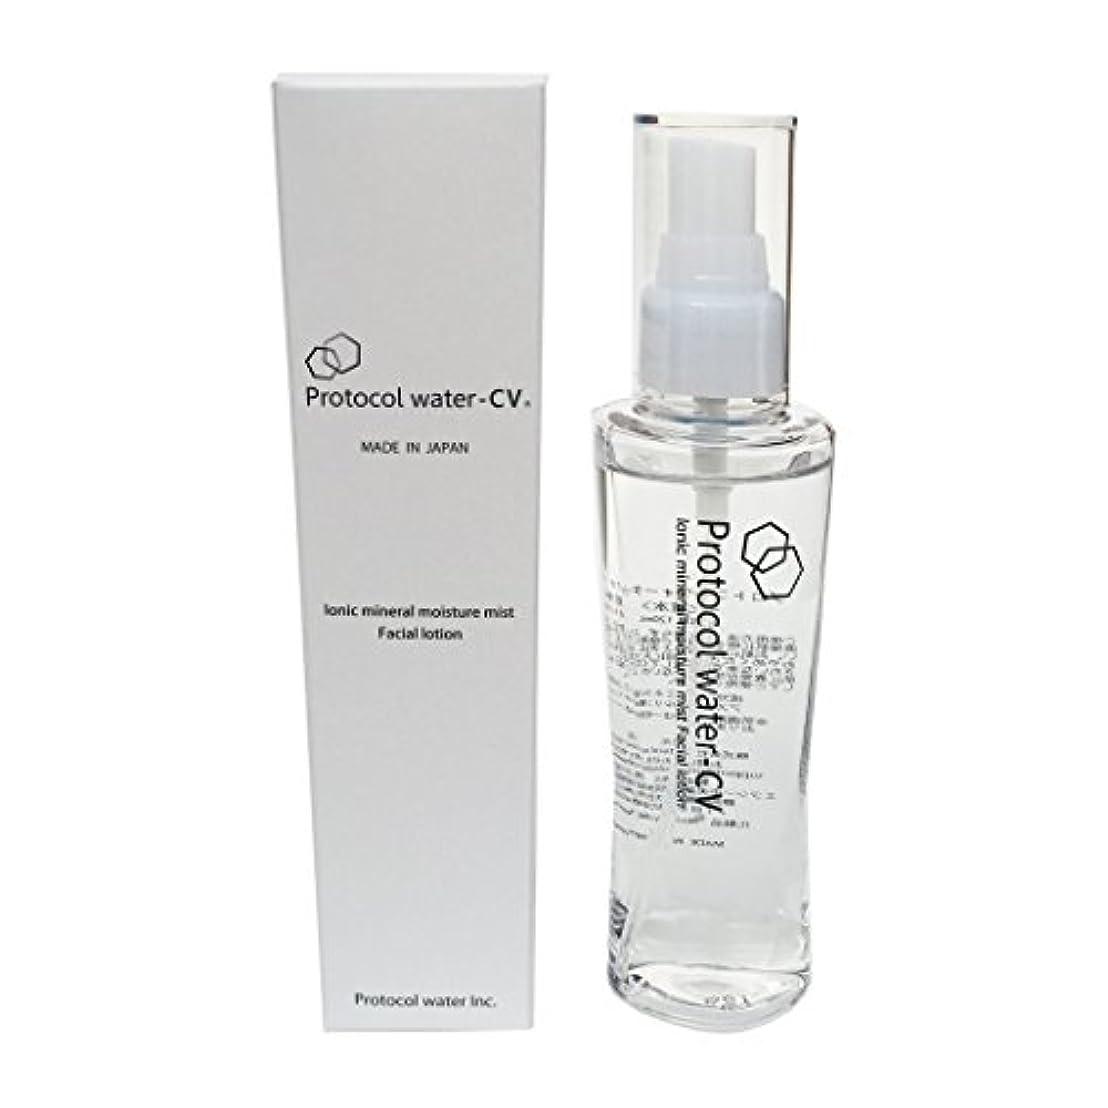 考える逆さまに落とし穴Protocol water CV Ionic's mineral moisture mist Facial lotion / プロトコル ウォーター CV